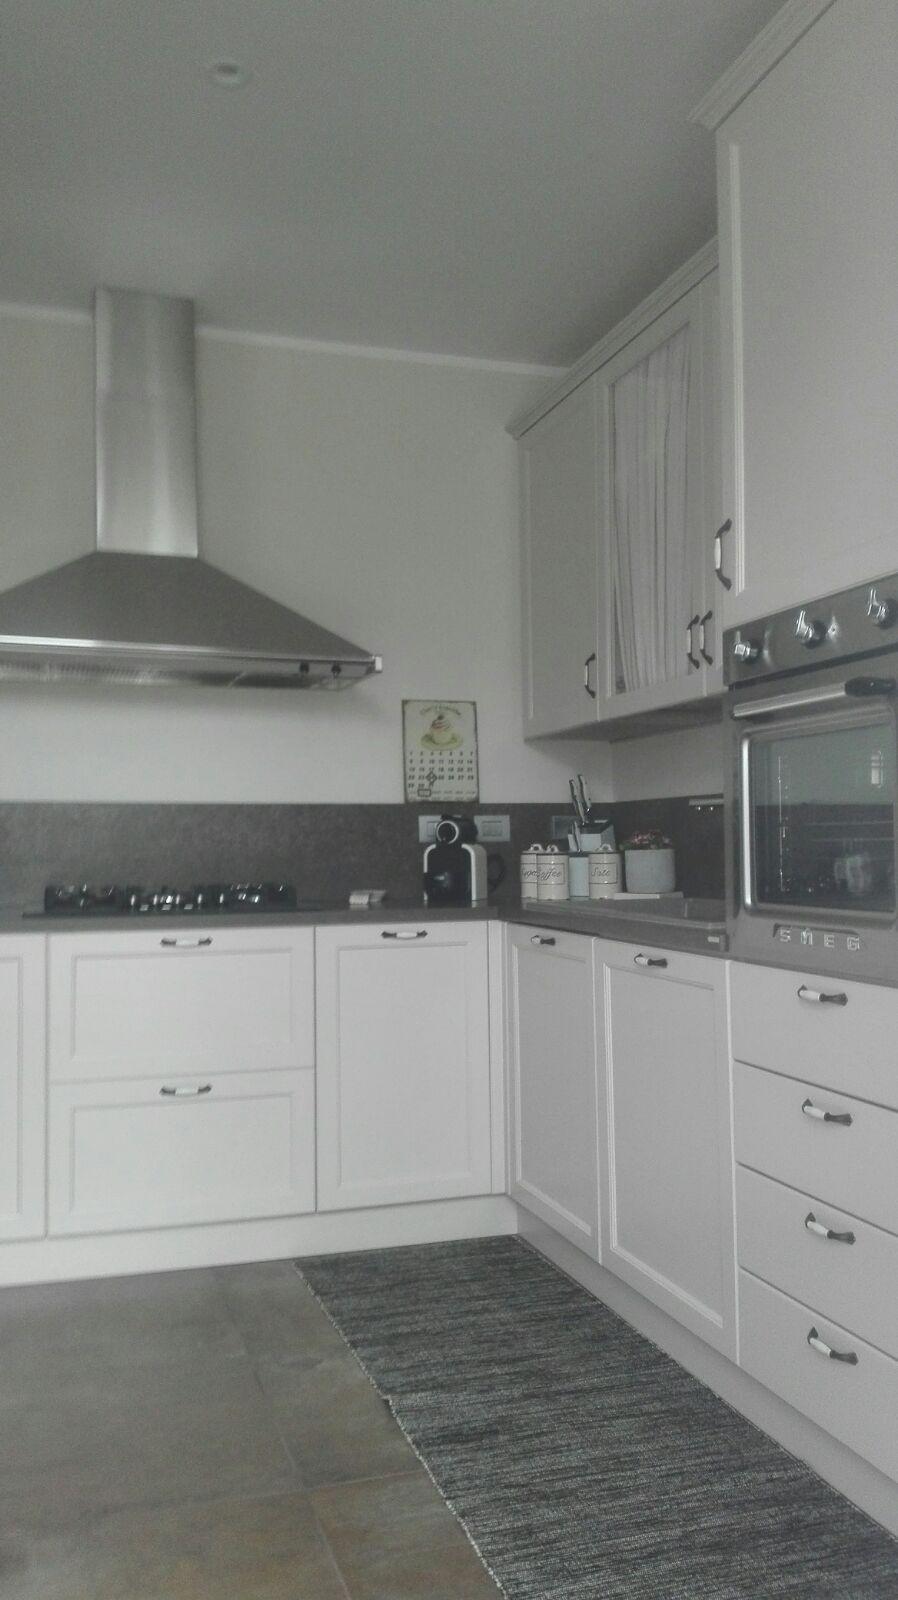 Cucina Su Misura Falegname cucine su misura - modifica top cucina falegnameria